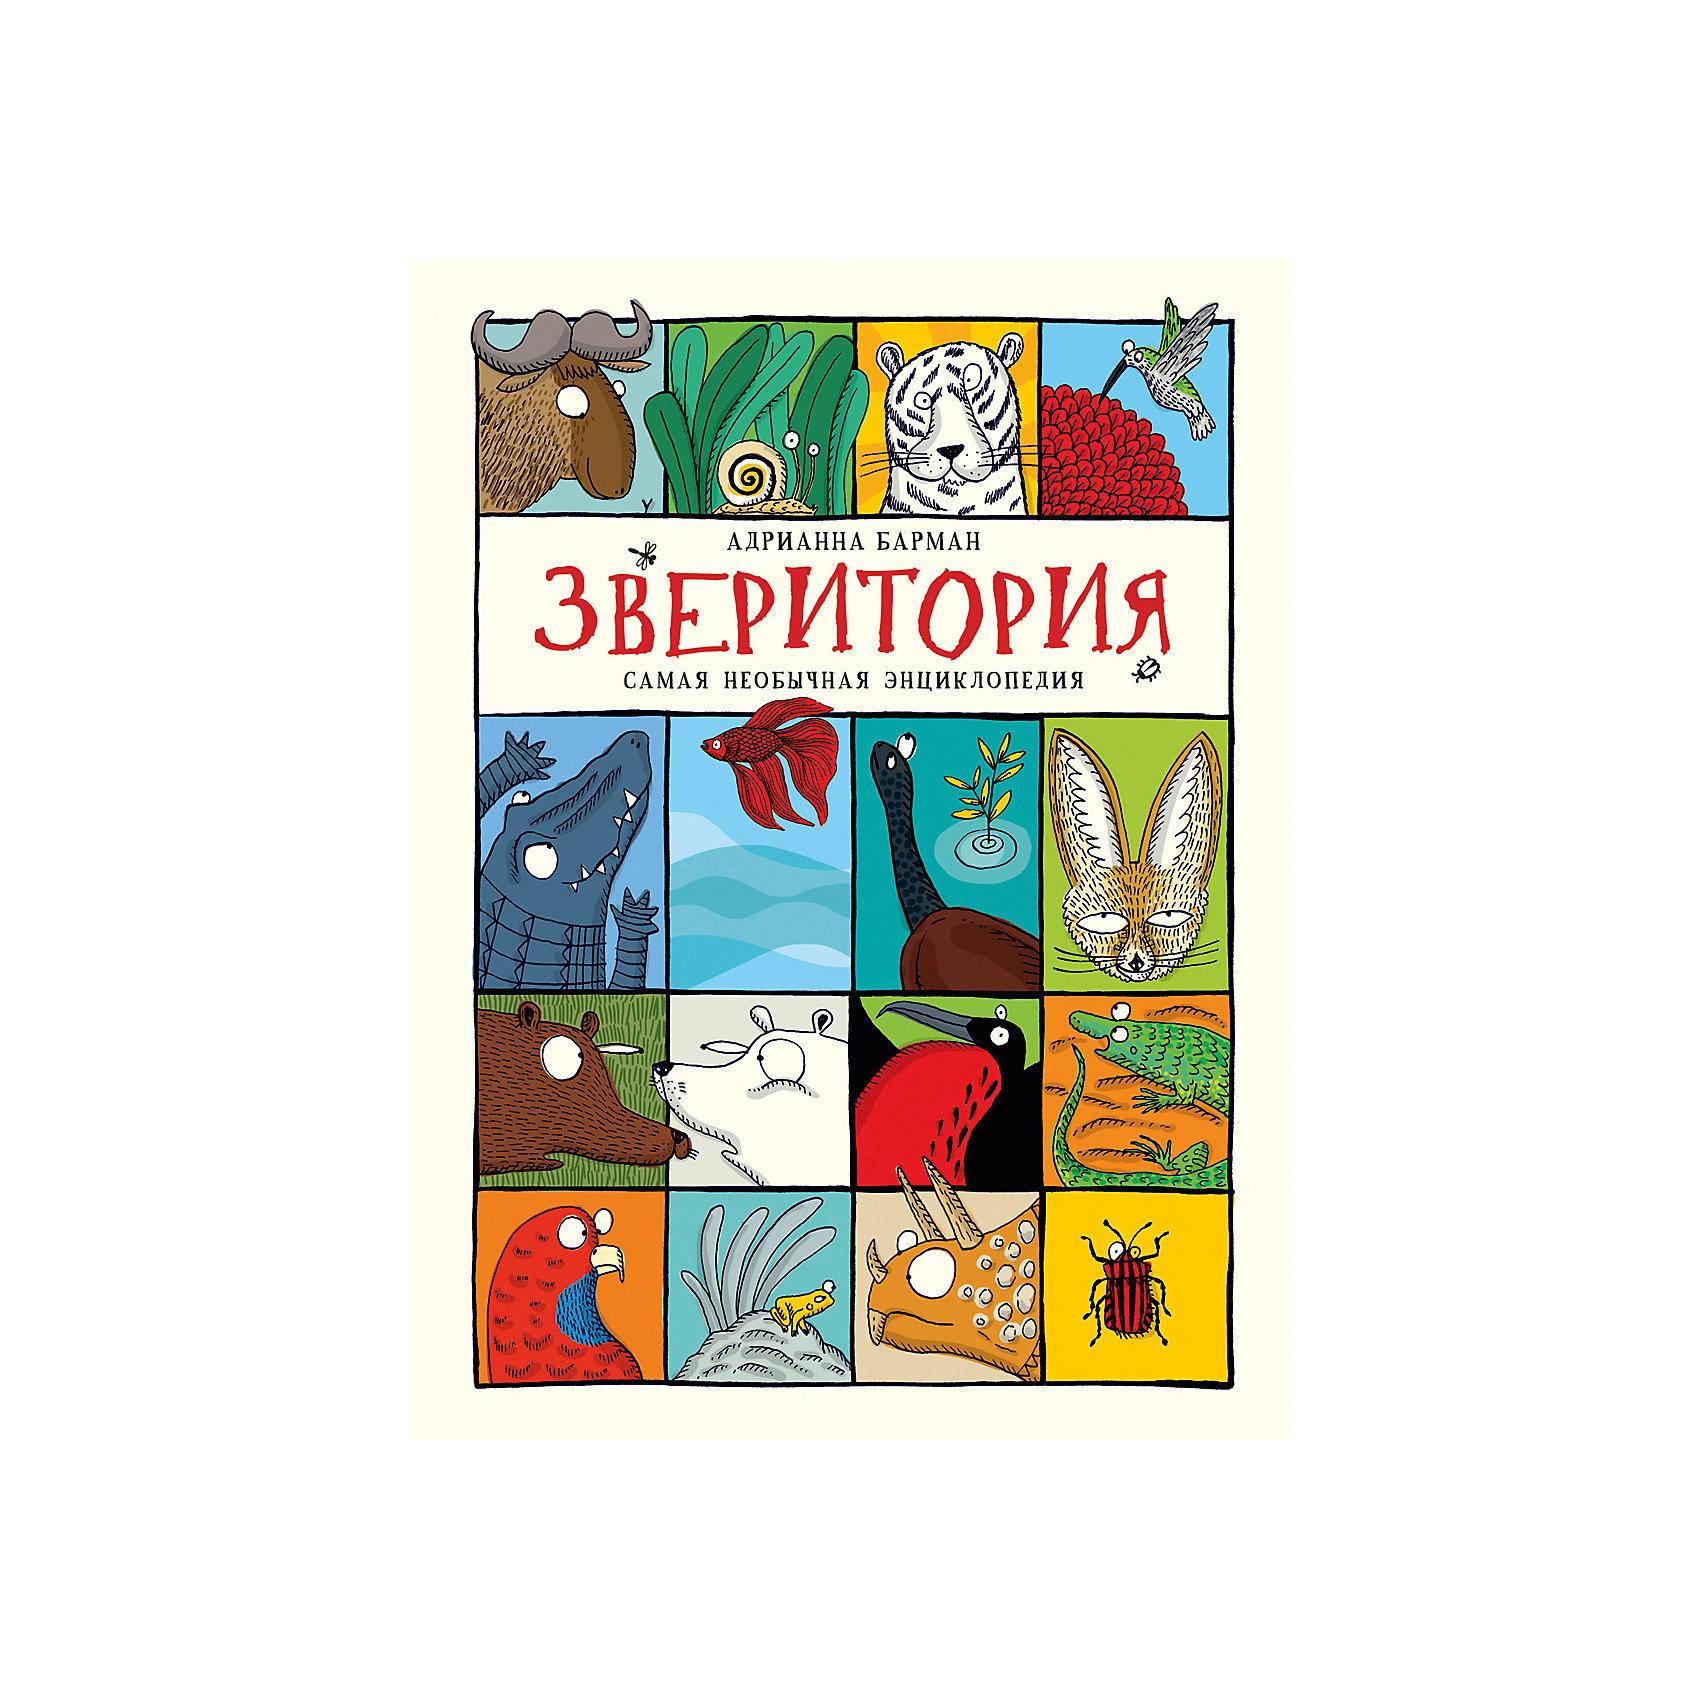 Самая необычная энциклопедия ЗвериторияДетские энциклопедии<br>Характеристики товара:<br><br>- цвет: разноцветный;<br>- материал: бумага;<br>- страниц: 216;<br>- формат: 20 х 26 см;<br>- обложка: твердая;<br>- цветные иллюстрации.<br><br>Эта интересная книга с иллюстрациями станет отличным подарком для ребенка. Она содержит в себе яркие картинки, которые помогут малышам познакомиться со многими предметами из окружающего мира, а также пояснения к ним. В книге - море полезной информации для ребенка!<br>Чтение и рассматривание картинок даже в юном возрасте помогает ребенку развивать зрительную память, концентрацию внимания и воображение. Издание произведено из качественных материалов, которые безопасны даже для самых маленьких.<br><br>Издание Самая необычная энциклопедия Зверитория от компании Росмэн можно купить в нашем интернет-магазине.<br><br>Ширина мм: 264<br>Глубина мм: 205<br>Высота мм: 24<br>Вес г: 880<br>Возраст от месяцев: 36<br>Возраст до месяцев: 72<br>Пол: Унисекс<br>Возраст: Детский<br>SKU: 5110162